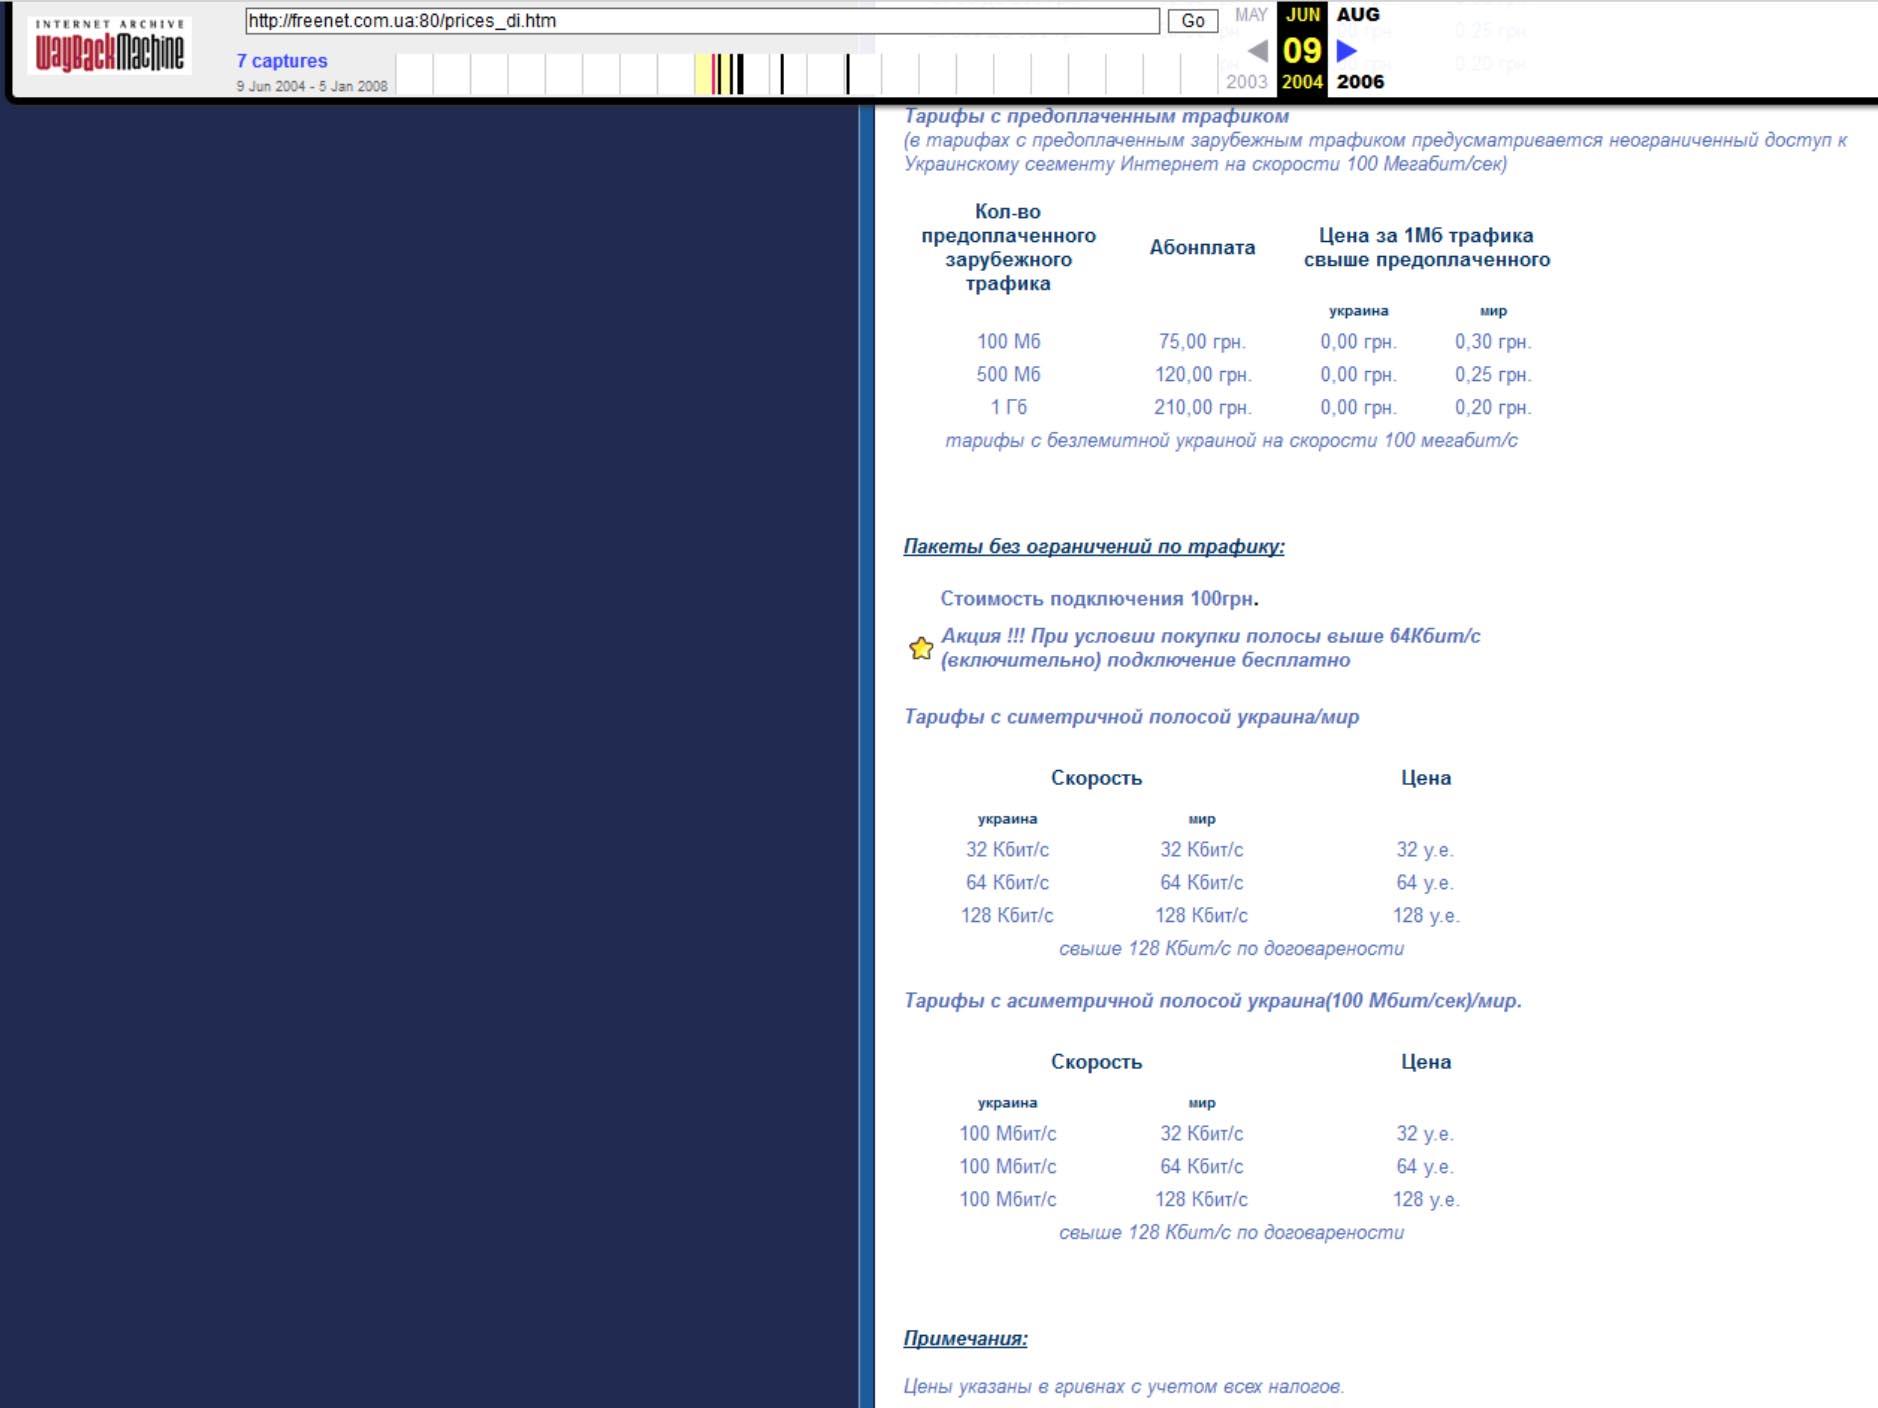 Виртуальный хостинг без учёта трафика сервера майнкрафт новые